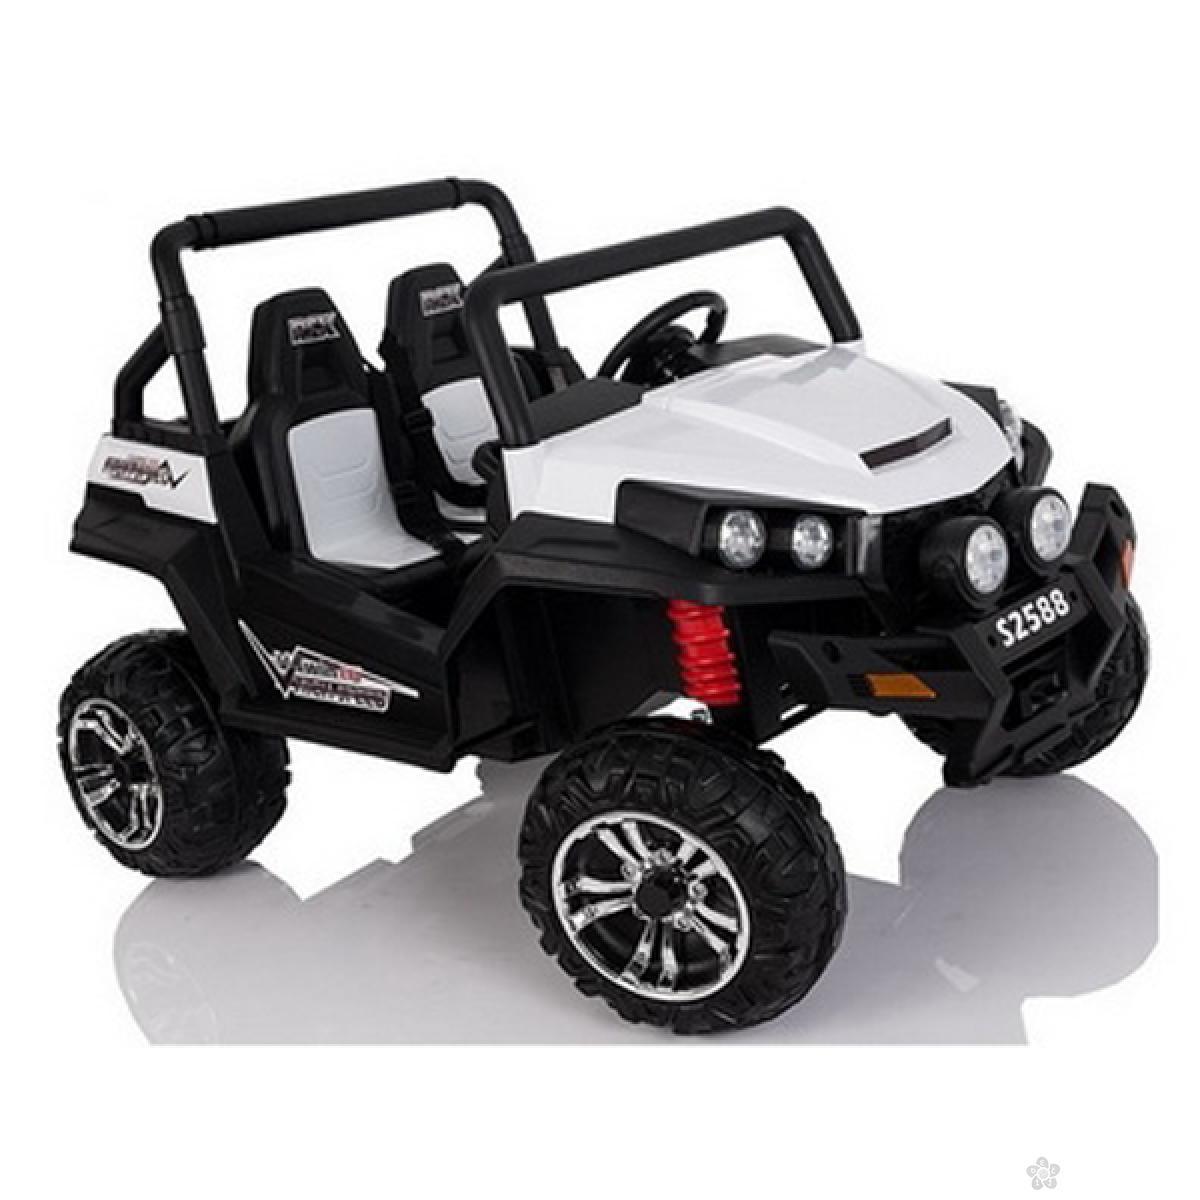 Bagi (quad) dvosed, model 305ARIS, beli